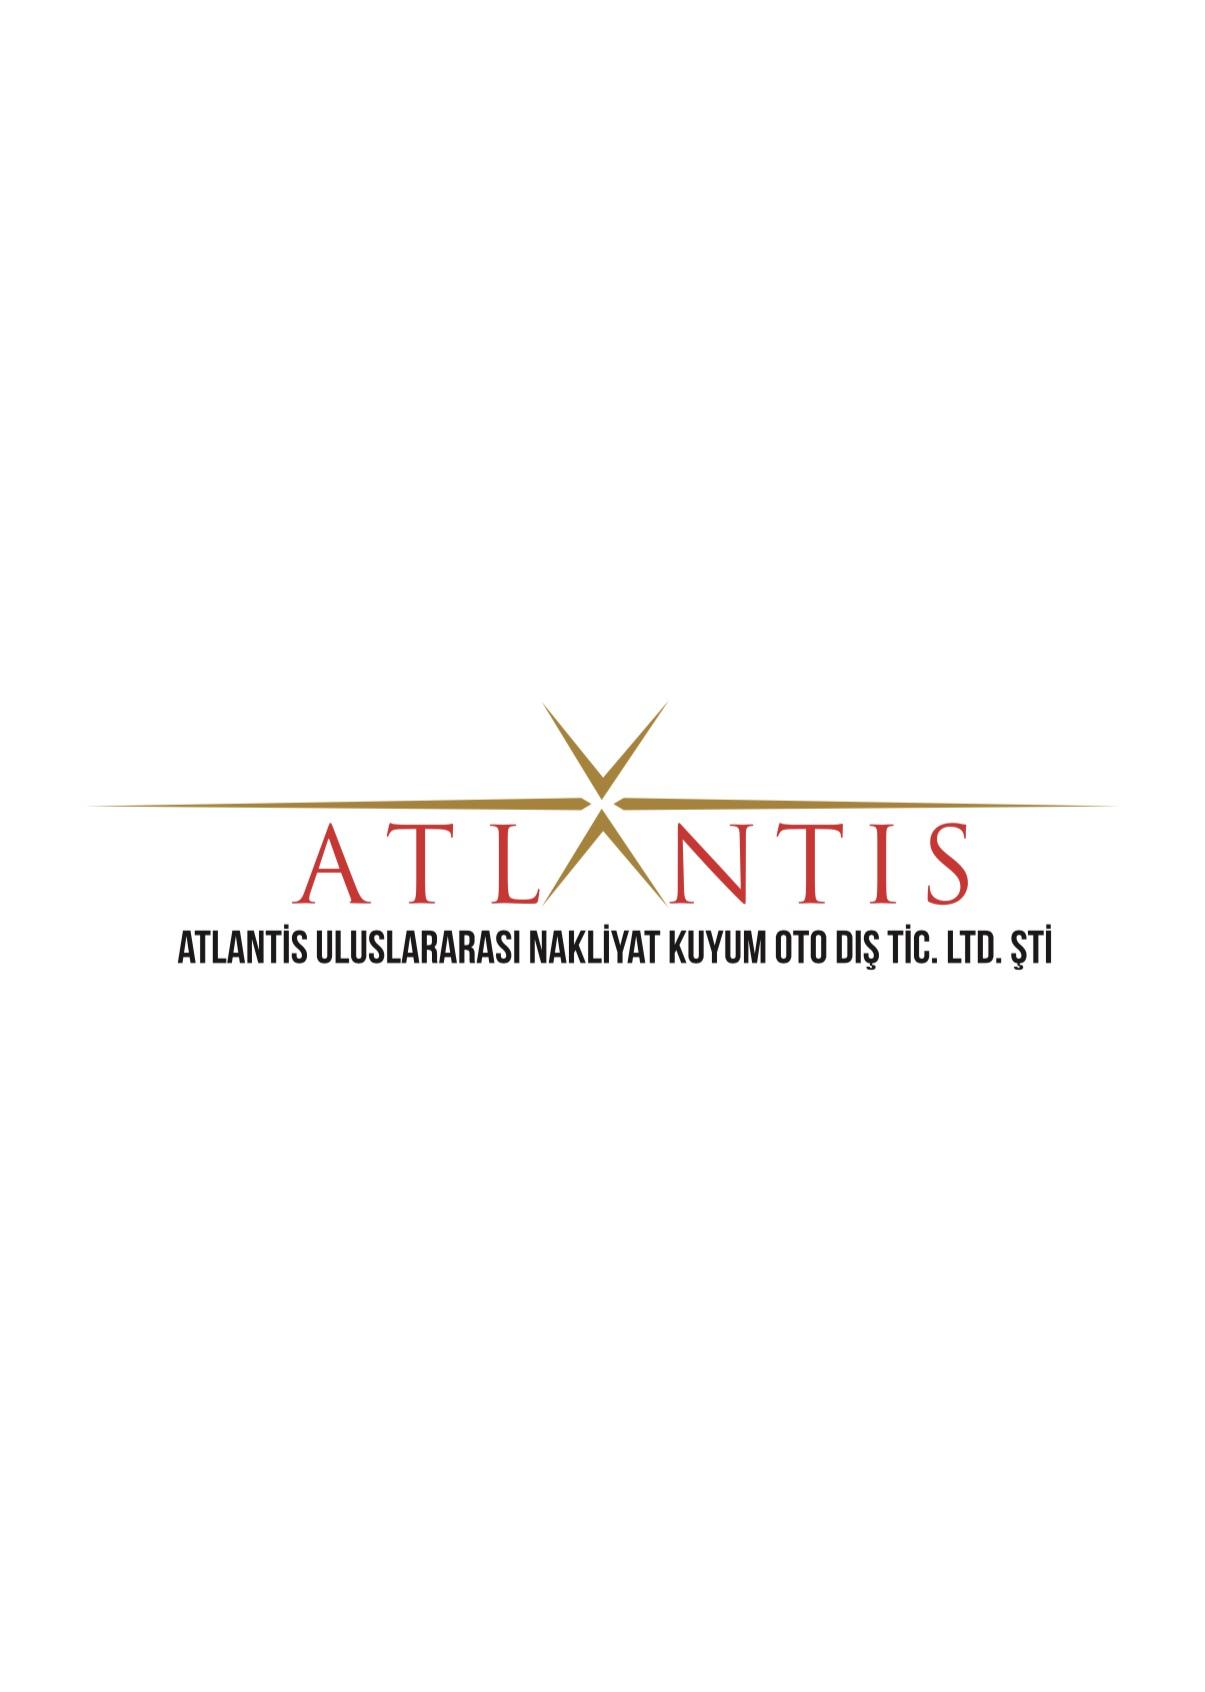 ATLANTIS SIRKETLER GRUBU